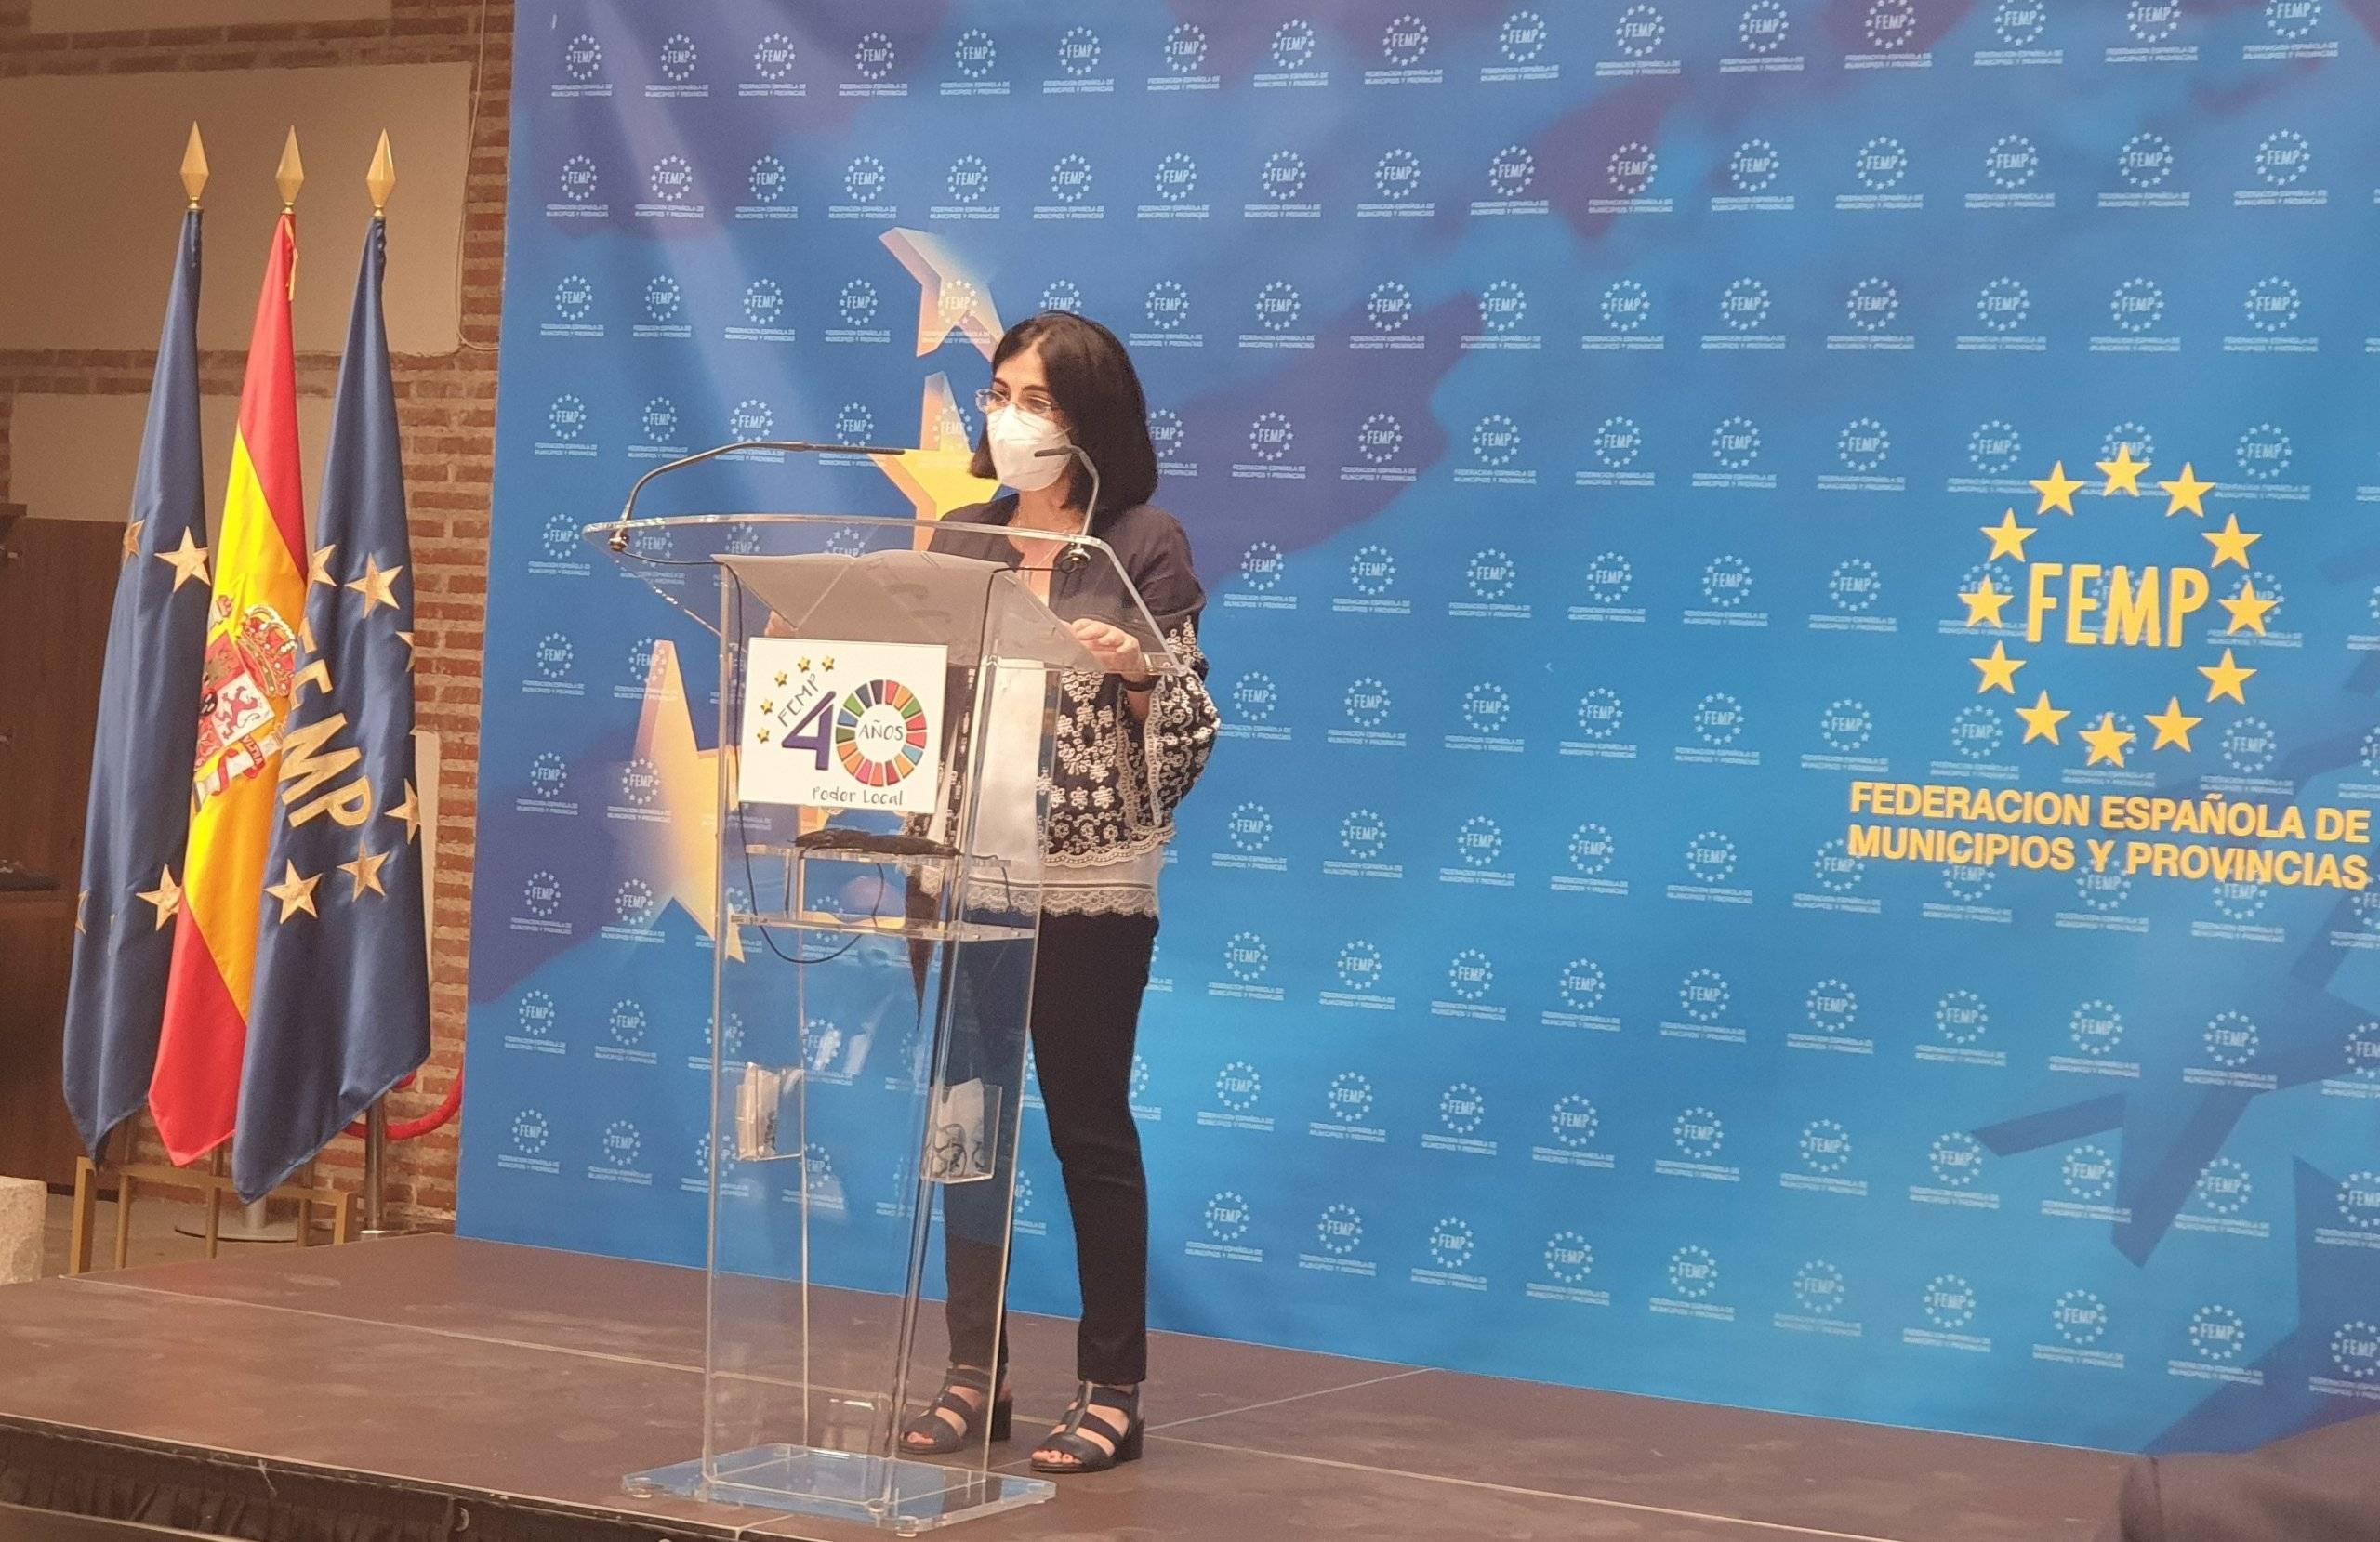 La ministra, Carolina Darias, durante su intervención.